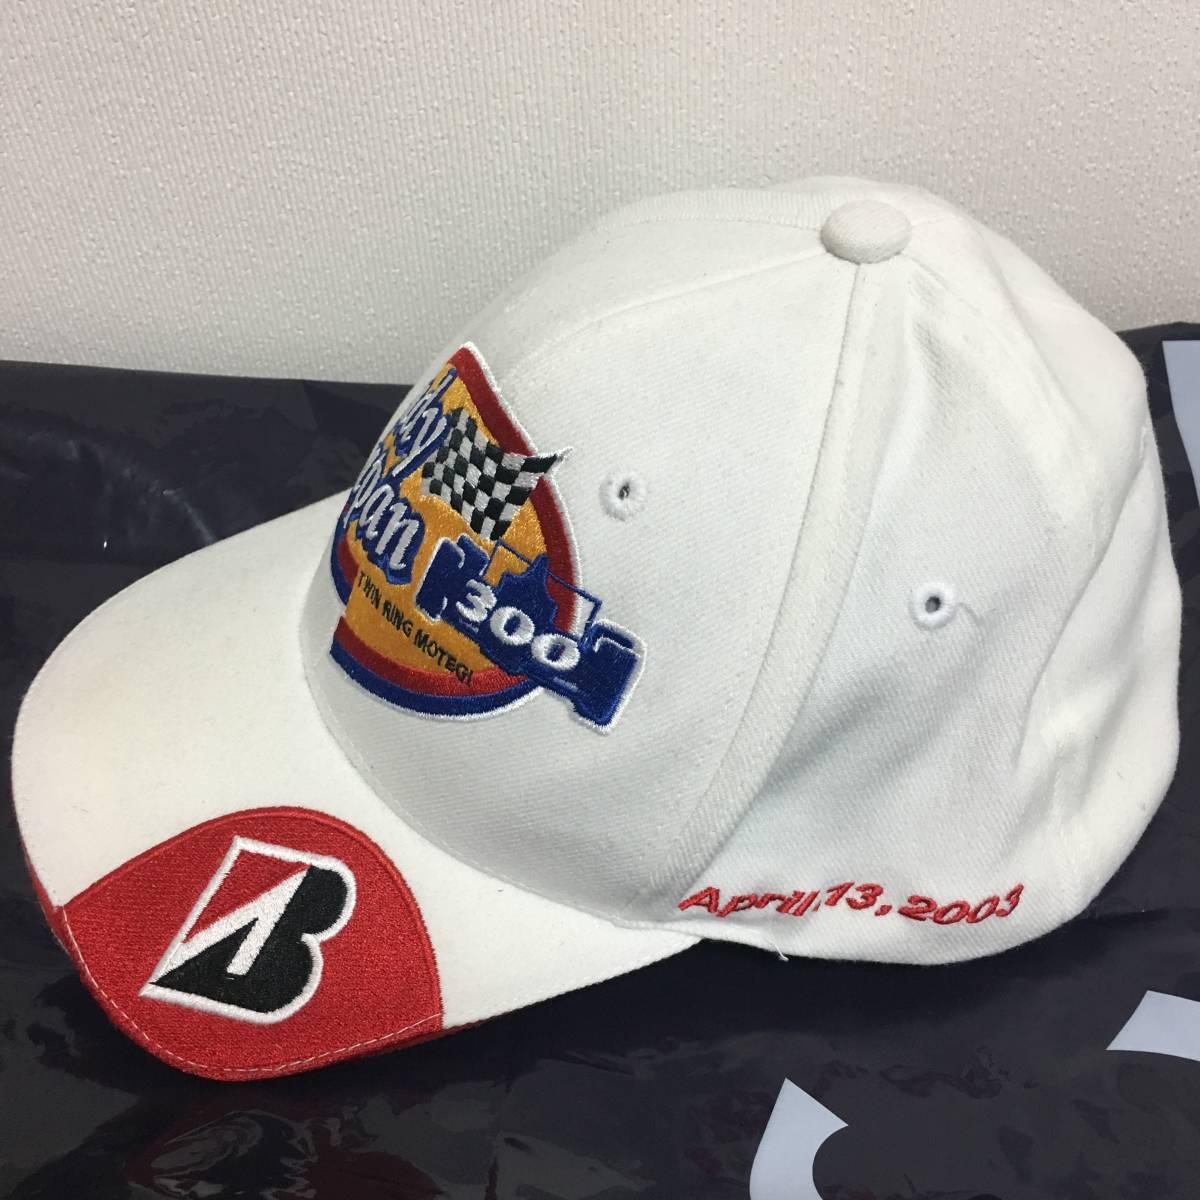 送料サービス ブリジストン BRIDGESTONE インディ300 ジャパン 帽子 非売品_画像2